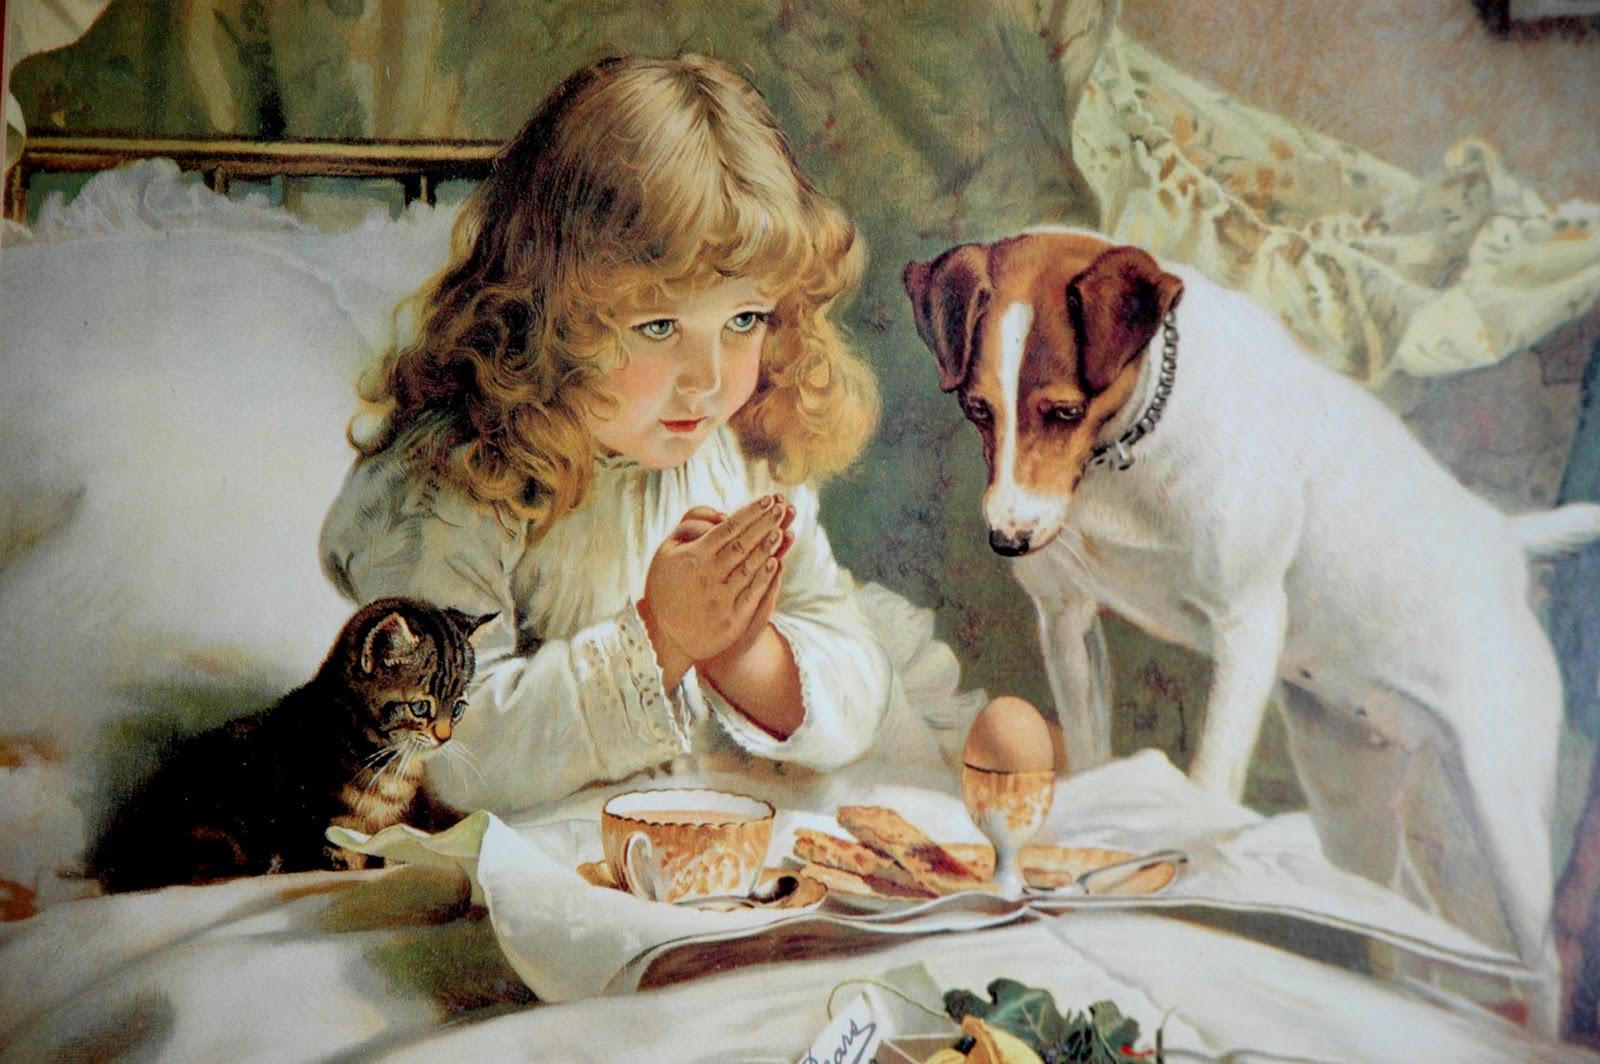 Adorables caritas de niños. - Página 2 Charles+Burton+Barber+-+Suspense1